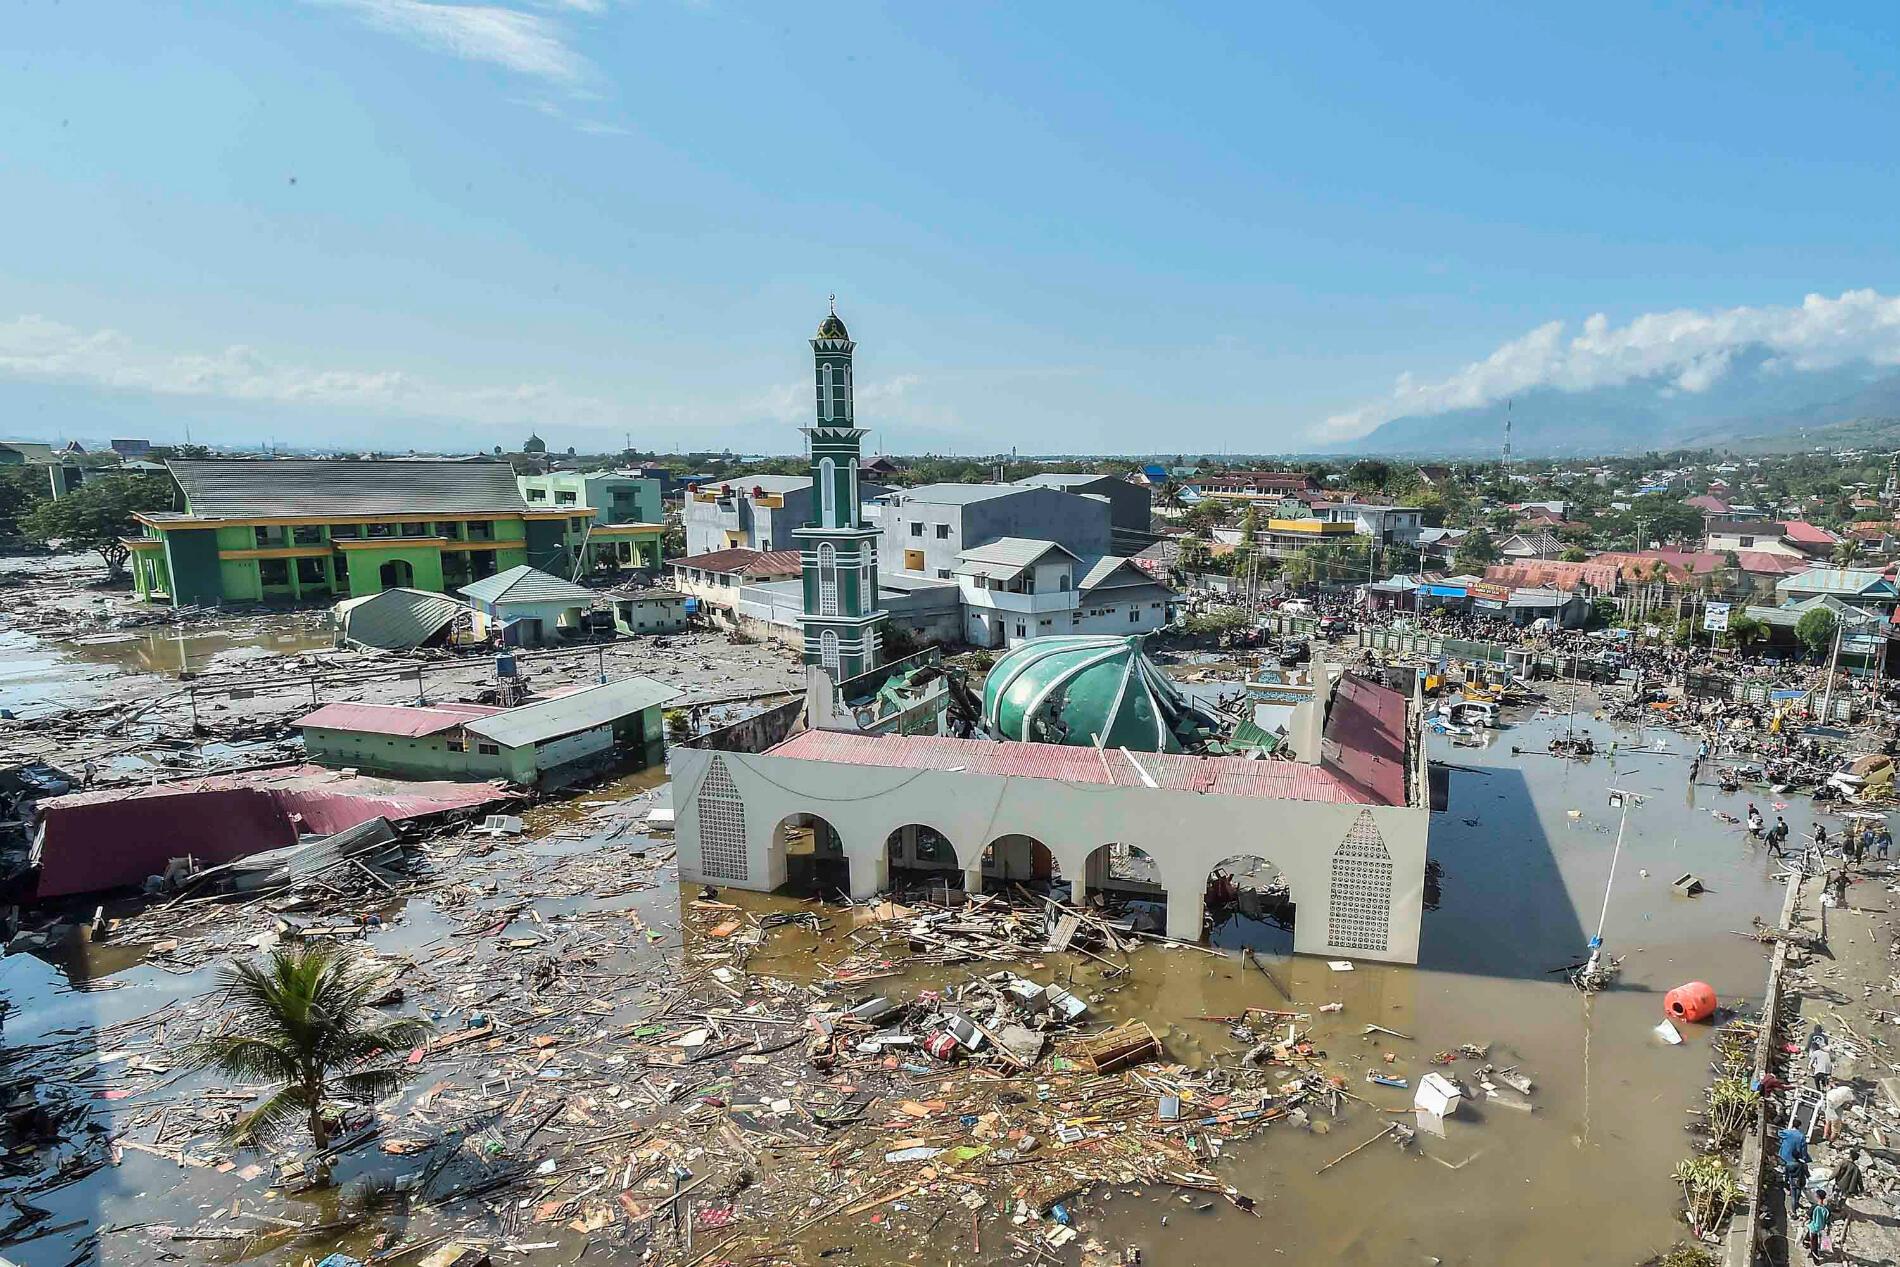 Les autorités indonésiennes ignorent encore l'ampleur des destructions causées par le tremblement de terre survenu vendredi. Les opérations de secours ne sont pas encore parvenues à se rendre dans trois zones affectées par le tsunami.